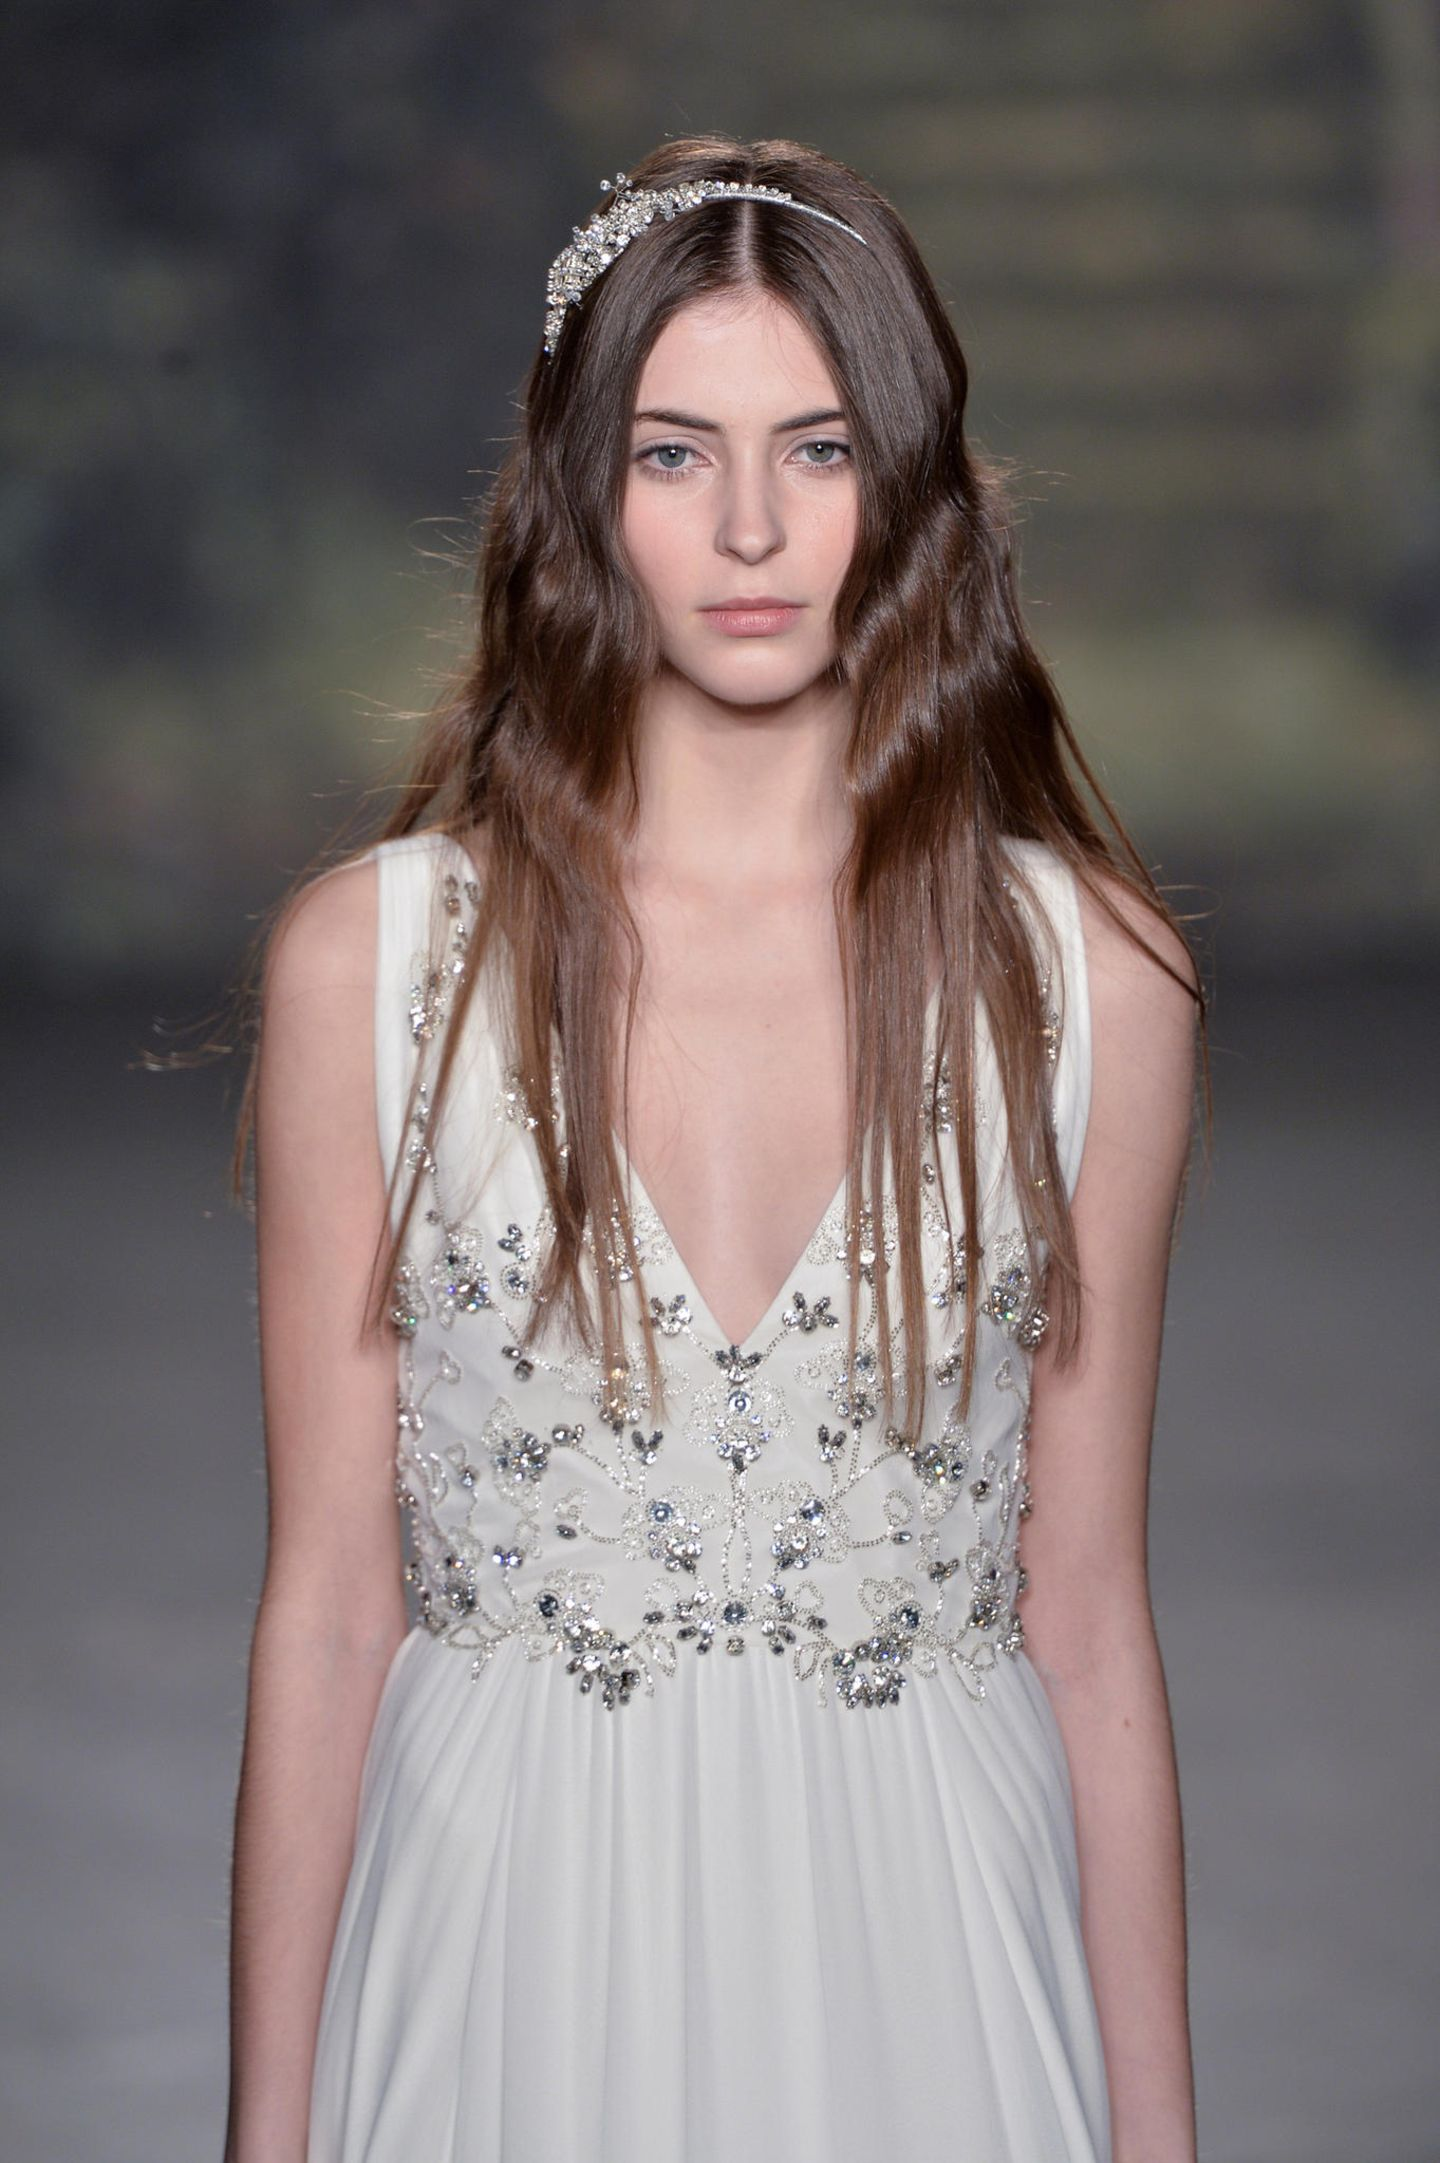 Brautfrisuren: Frau mit offenen Haaren und Haarreif